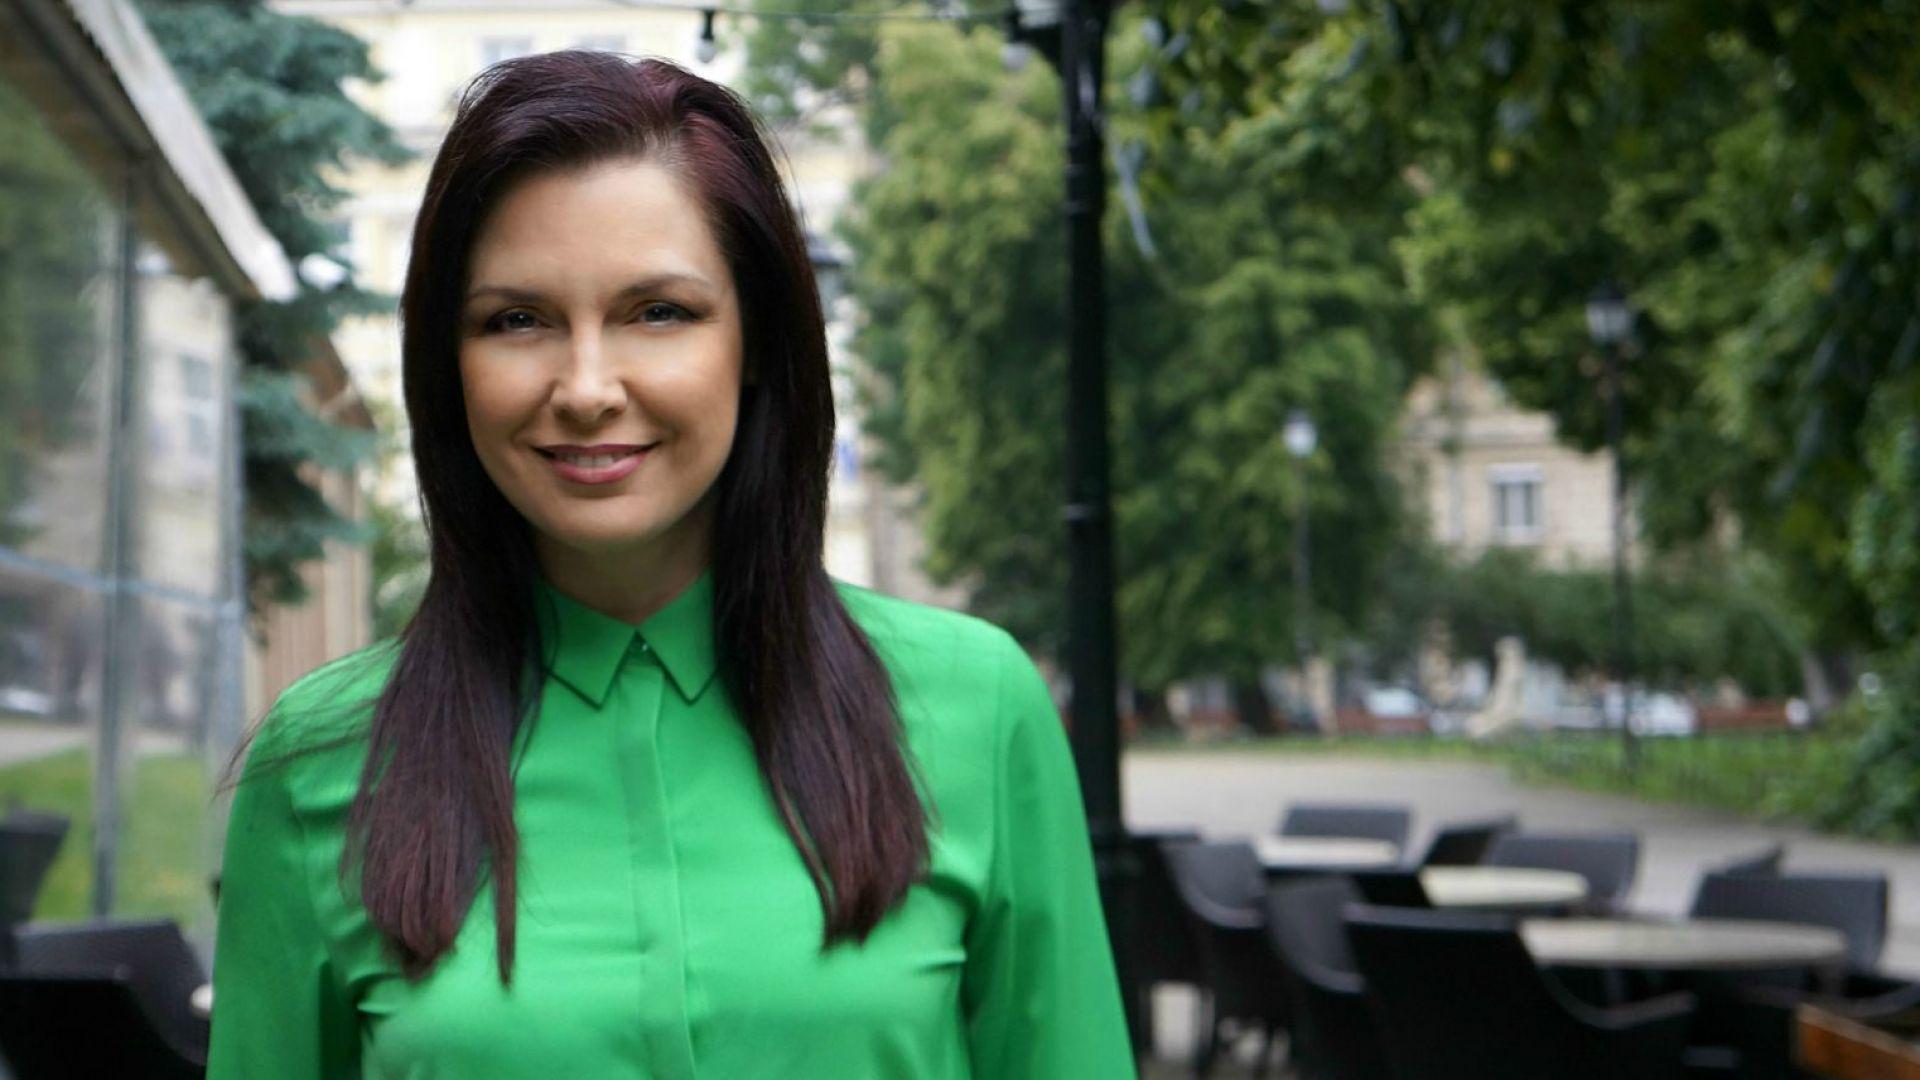 Жени Калканджиева: Стараех се да изглеждам строга и недостъпна